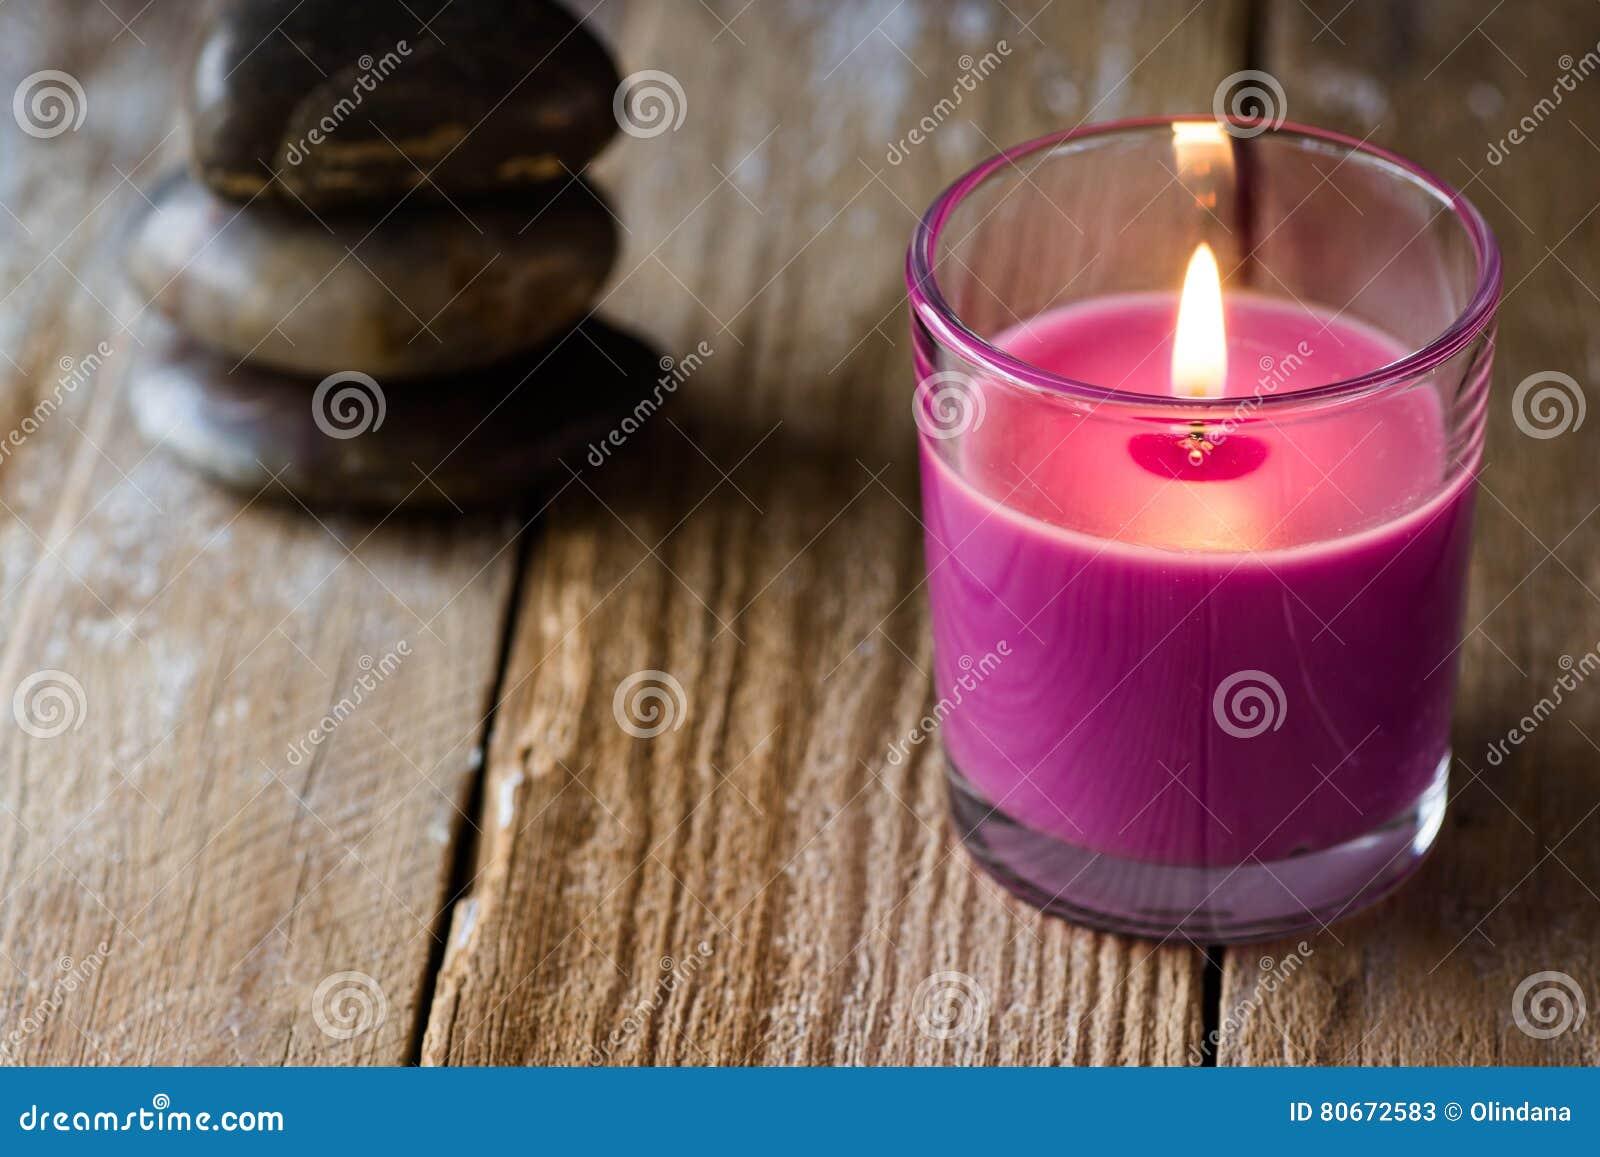 Свеча лаванды сирени и стог сбалансированного Дзэн облицовывают на заднем плане, на деревянной поверхности, copyspace для текста,